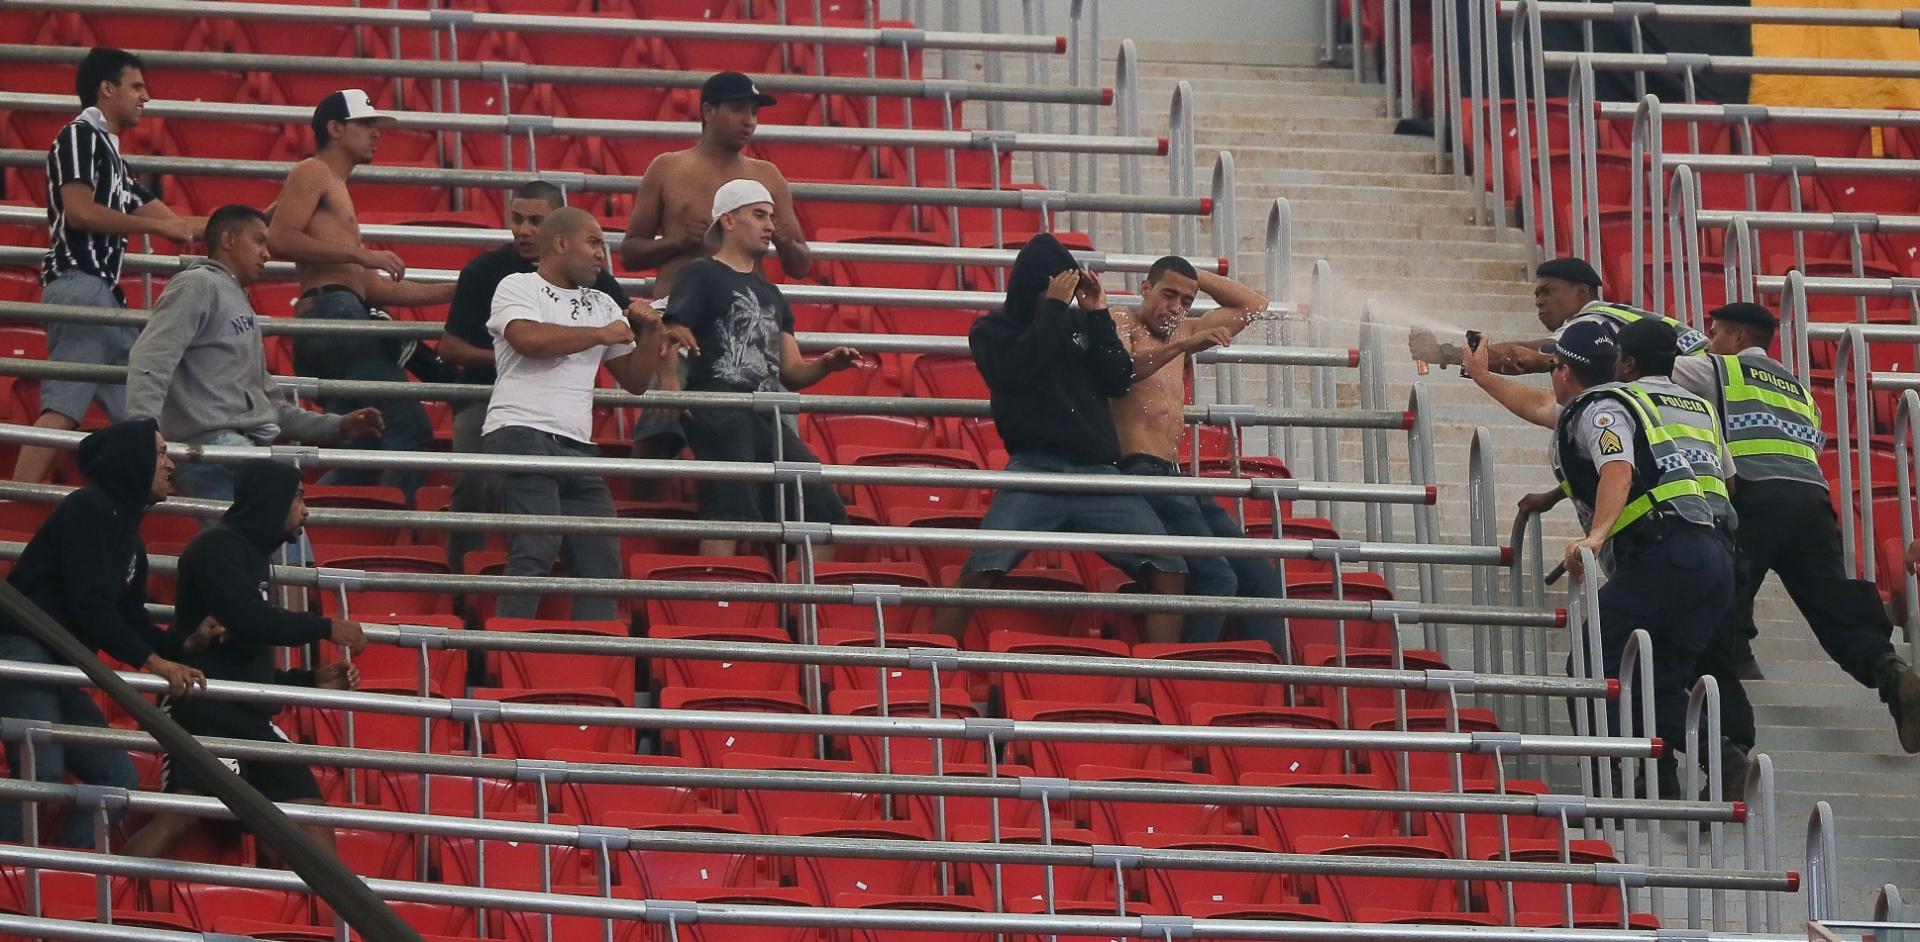 25.ago.2013 - Torcedores do Corinthians enfrentam policiais no estádio Mané Garrincha